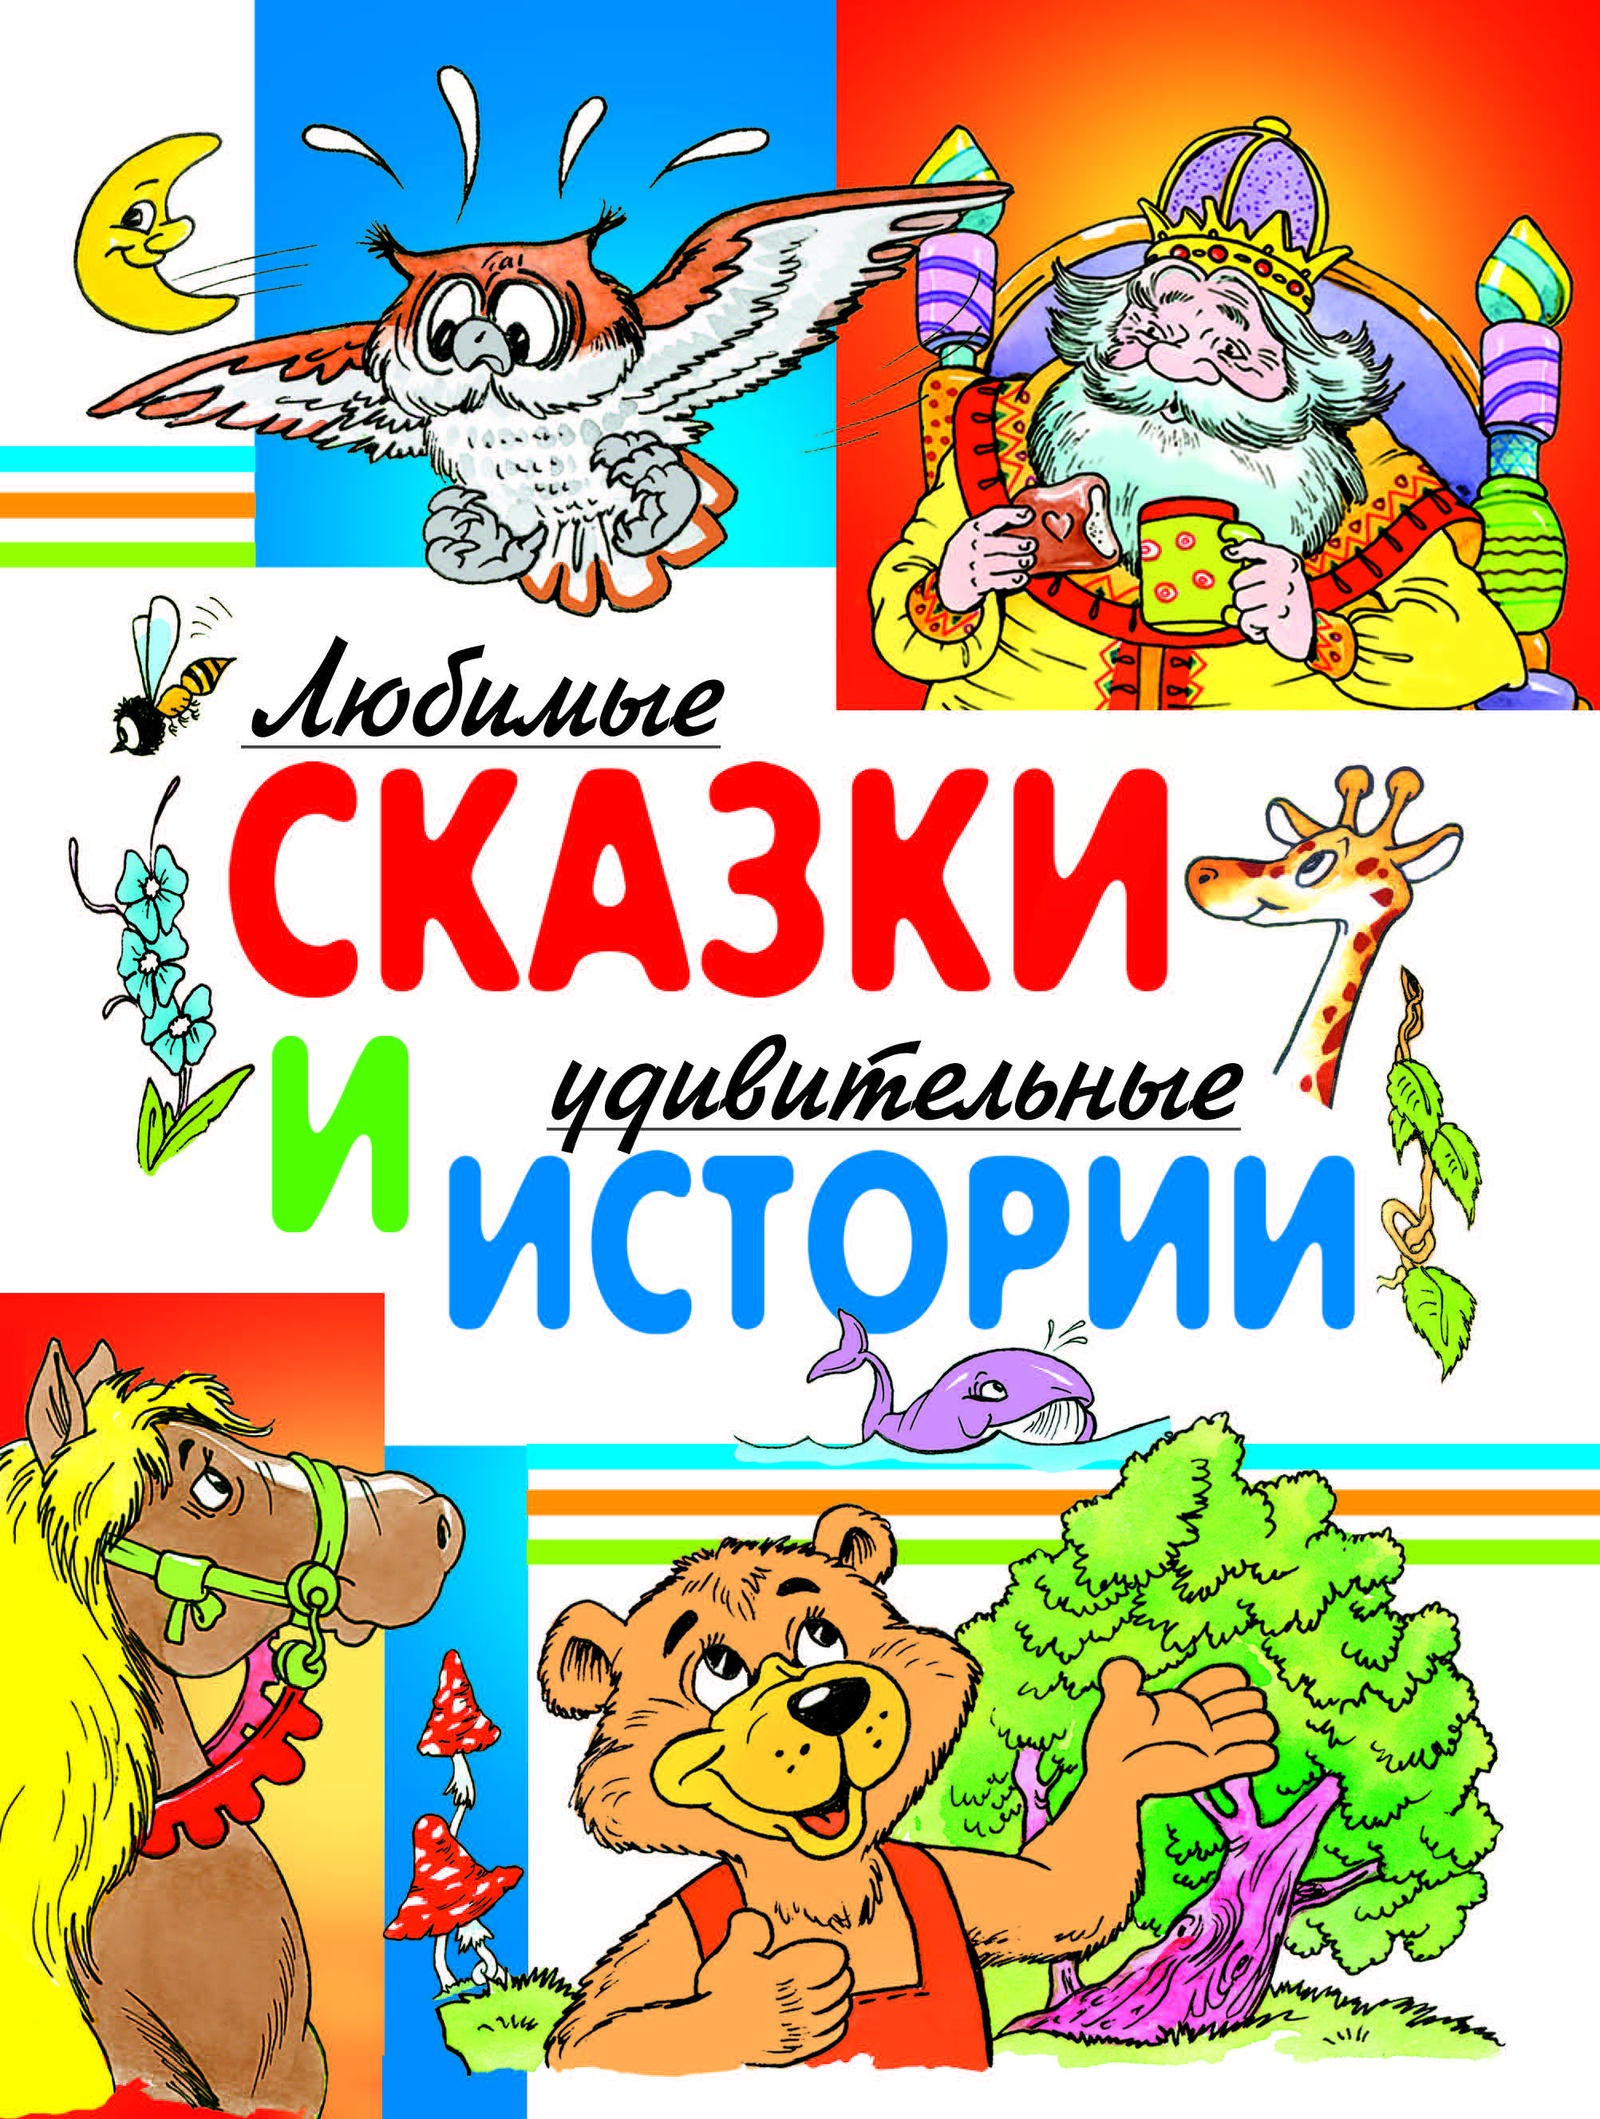 Книга  Любимые сказки и удивительные истории  Русич, Без автора